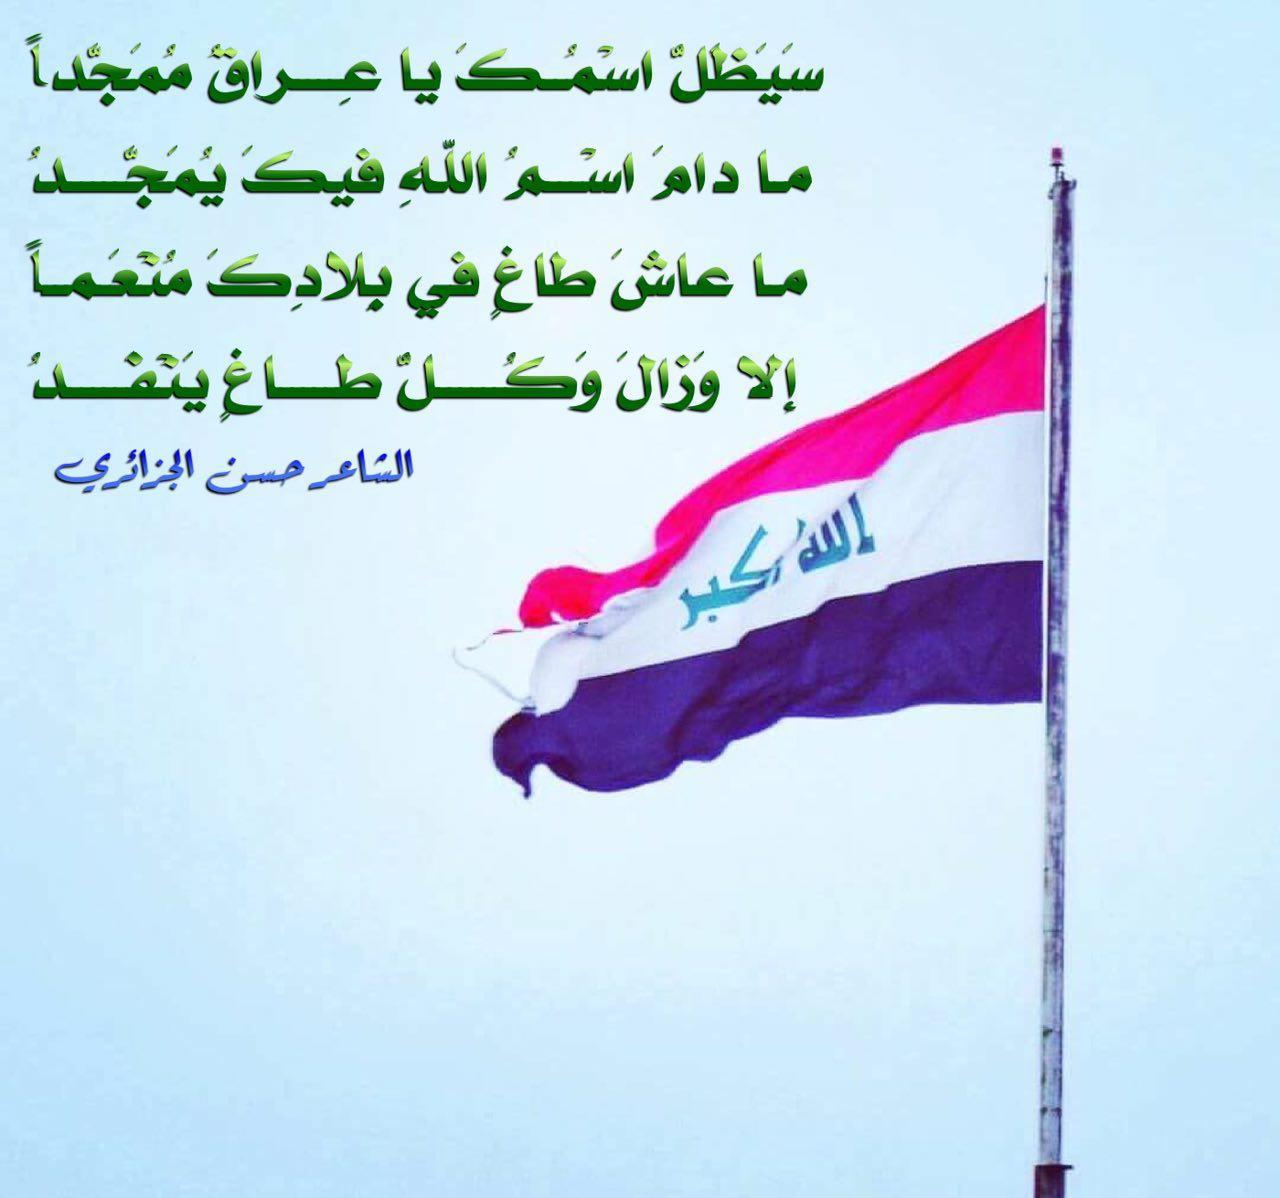 صوره شعر عن العراق , اجمل قصائد شعر عن العراق